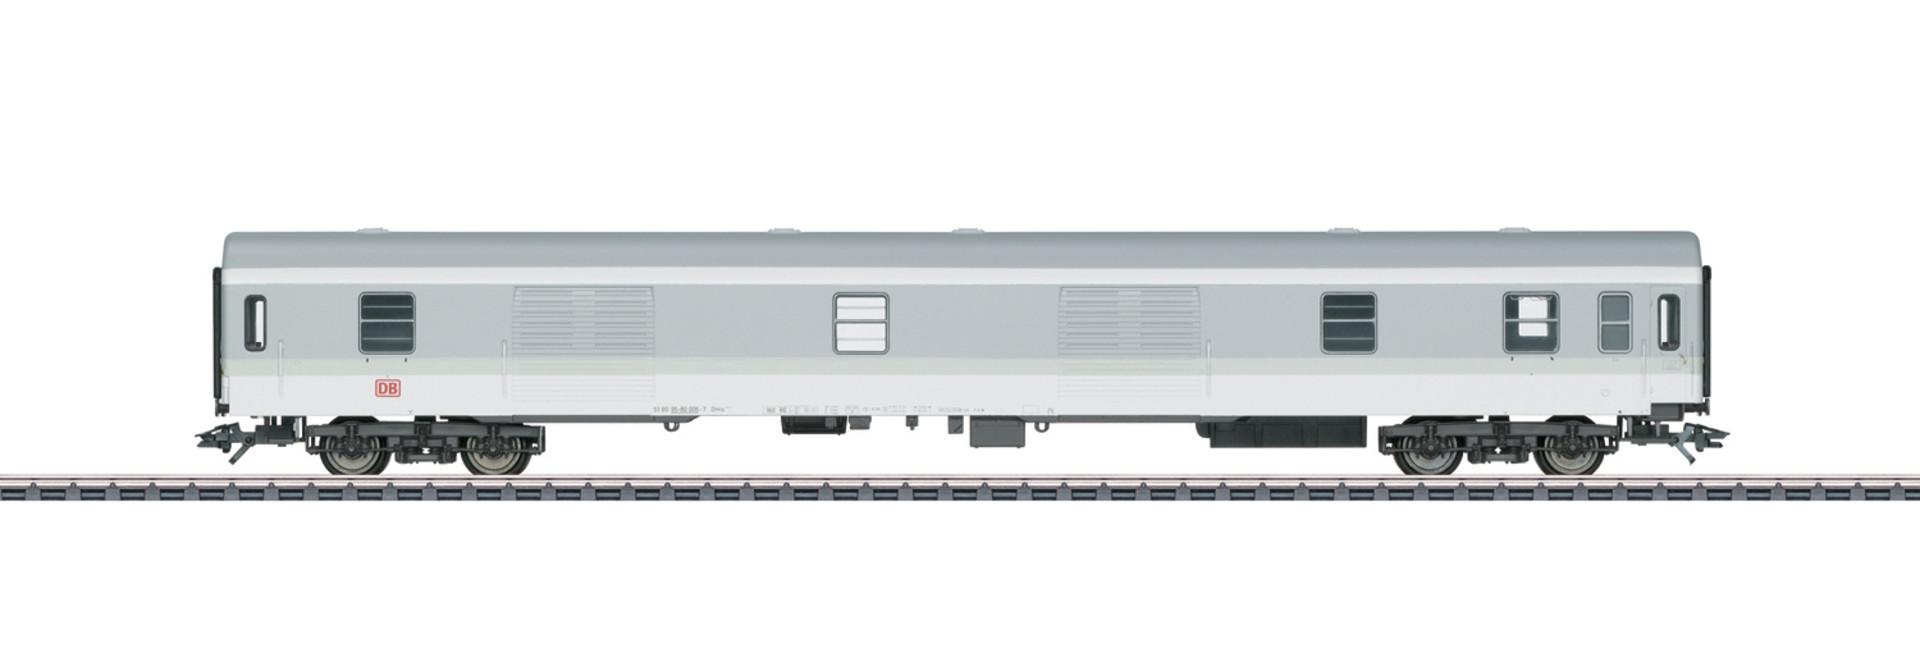 43962 Bagagewagen Dms 905 DB Eurotrain exclusief